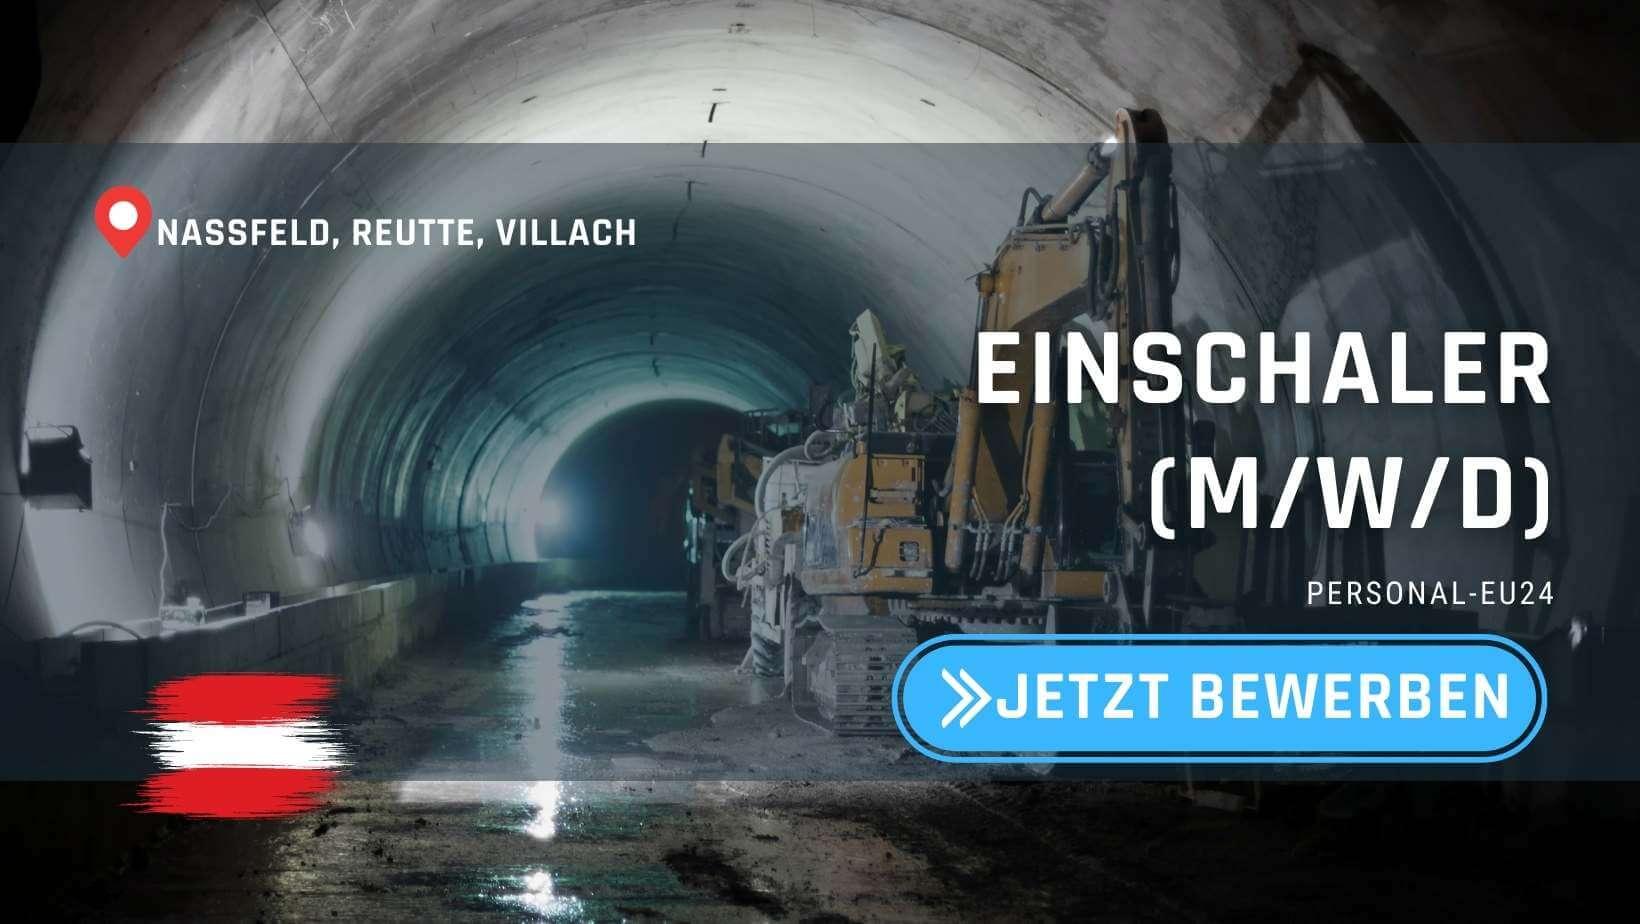 AT_K0001_099 - Einschaler (mwd) Jobs in Österreich